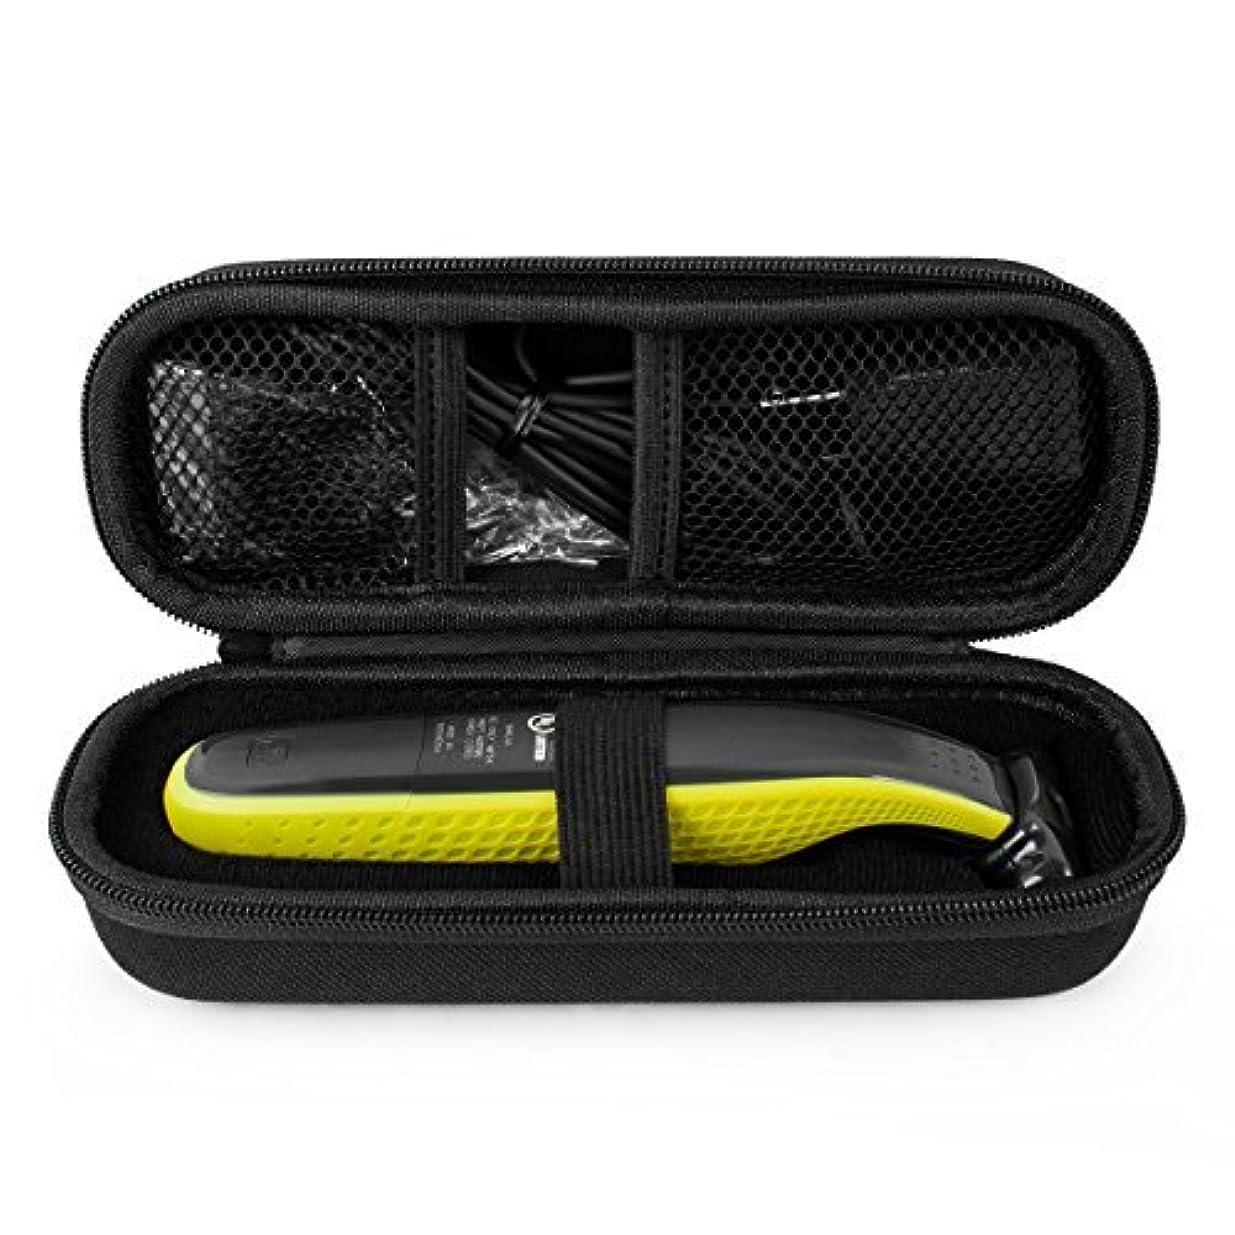 満州苦味読書Norelco OneBladeハイブリッド電気トリマーシェーバー用QSHAVEハードトラベルケース、QP2520 QP2570旅行用収納オーガナイザーケースバッグ